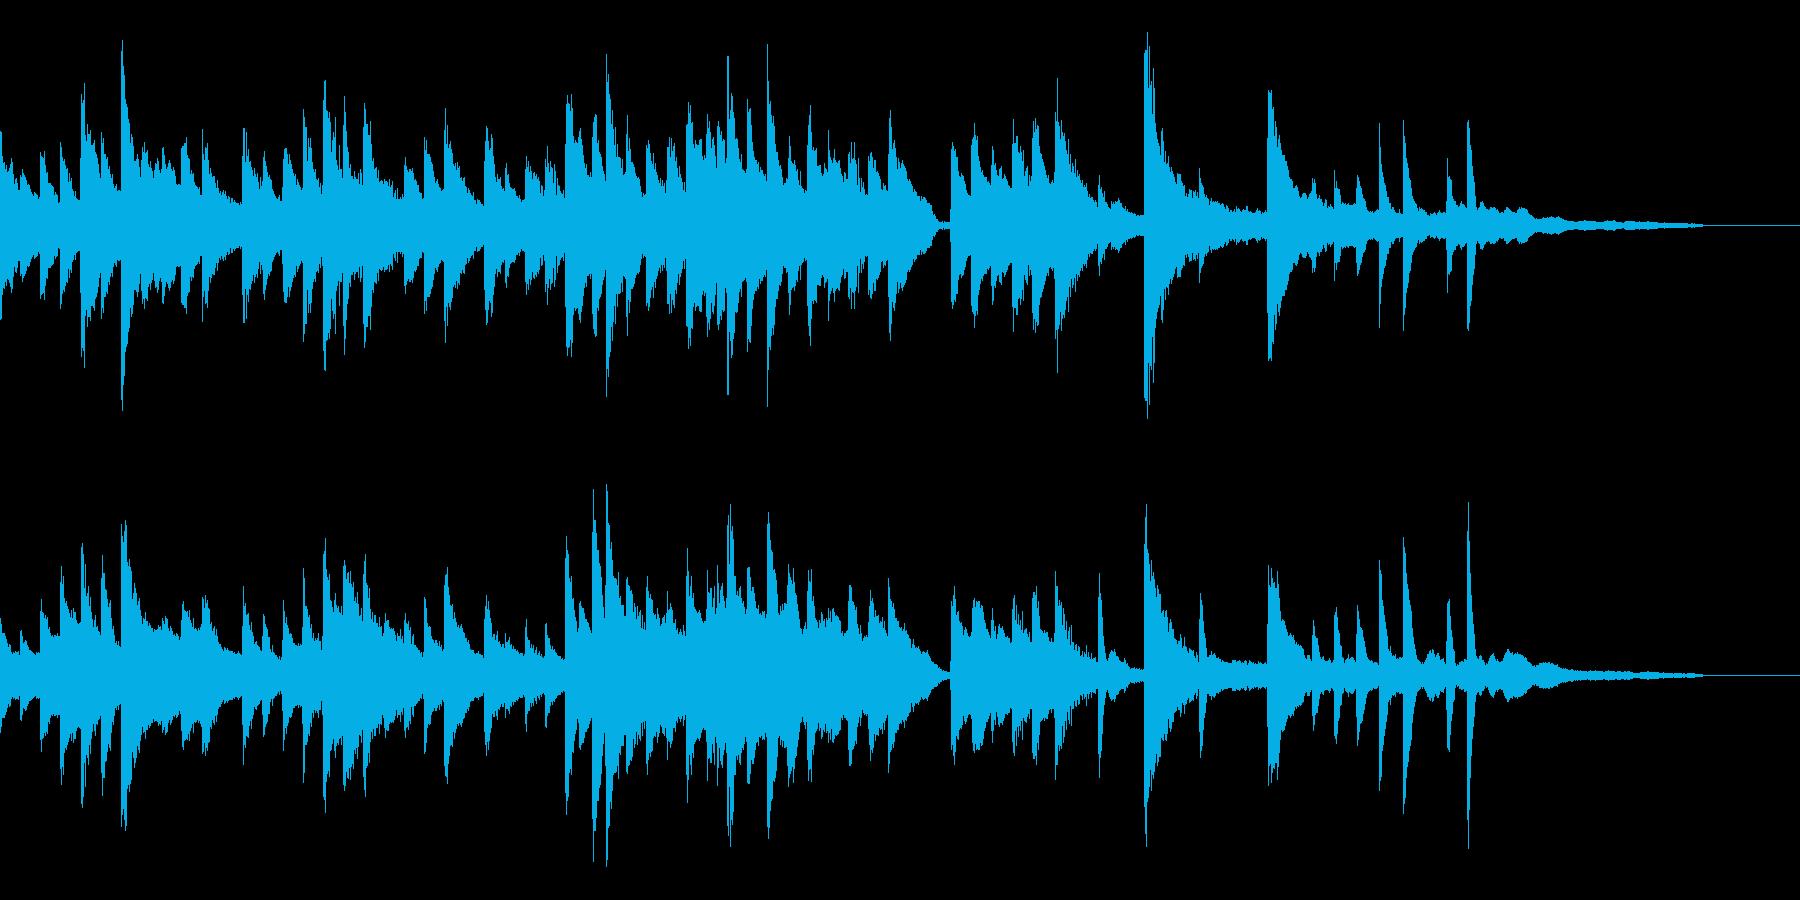 星夜をイメージしたバラードピアノジングルの再生済みの波形